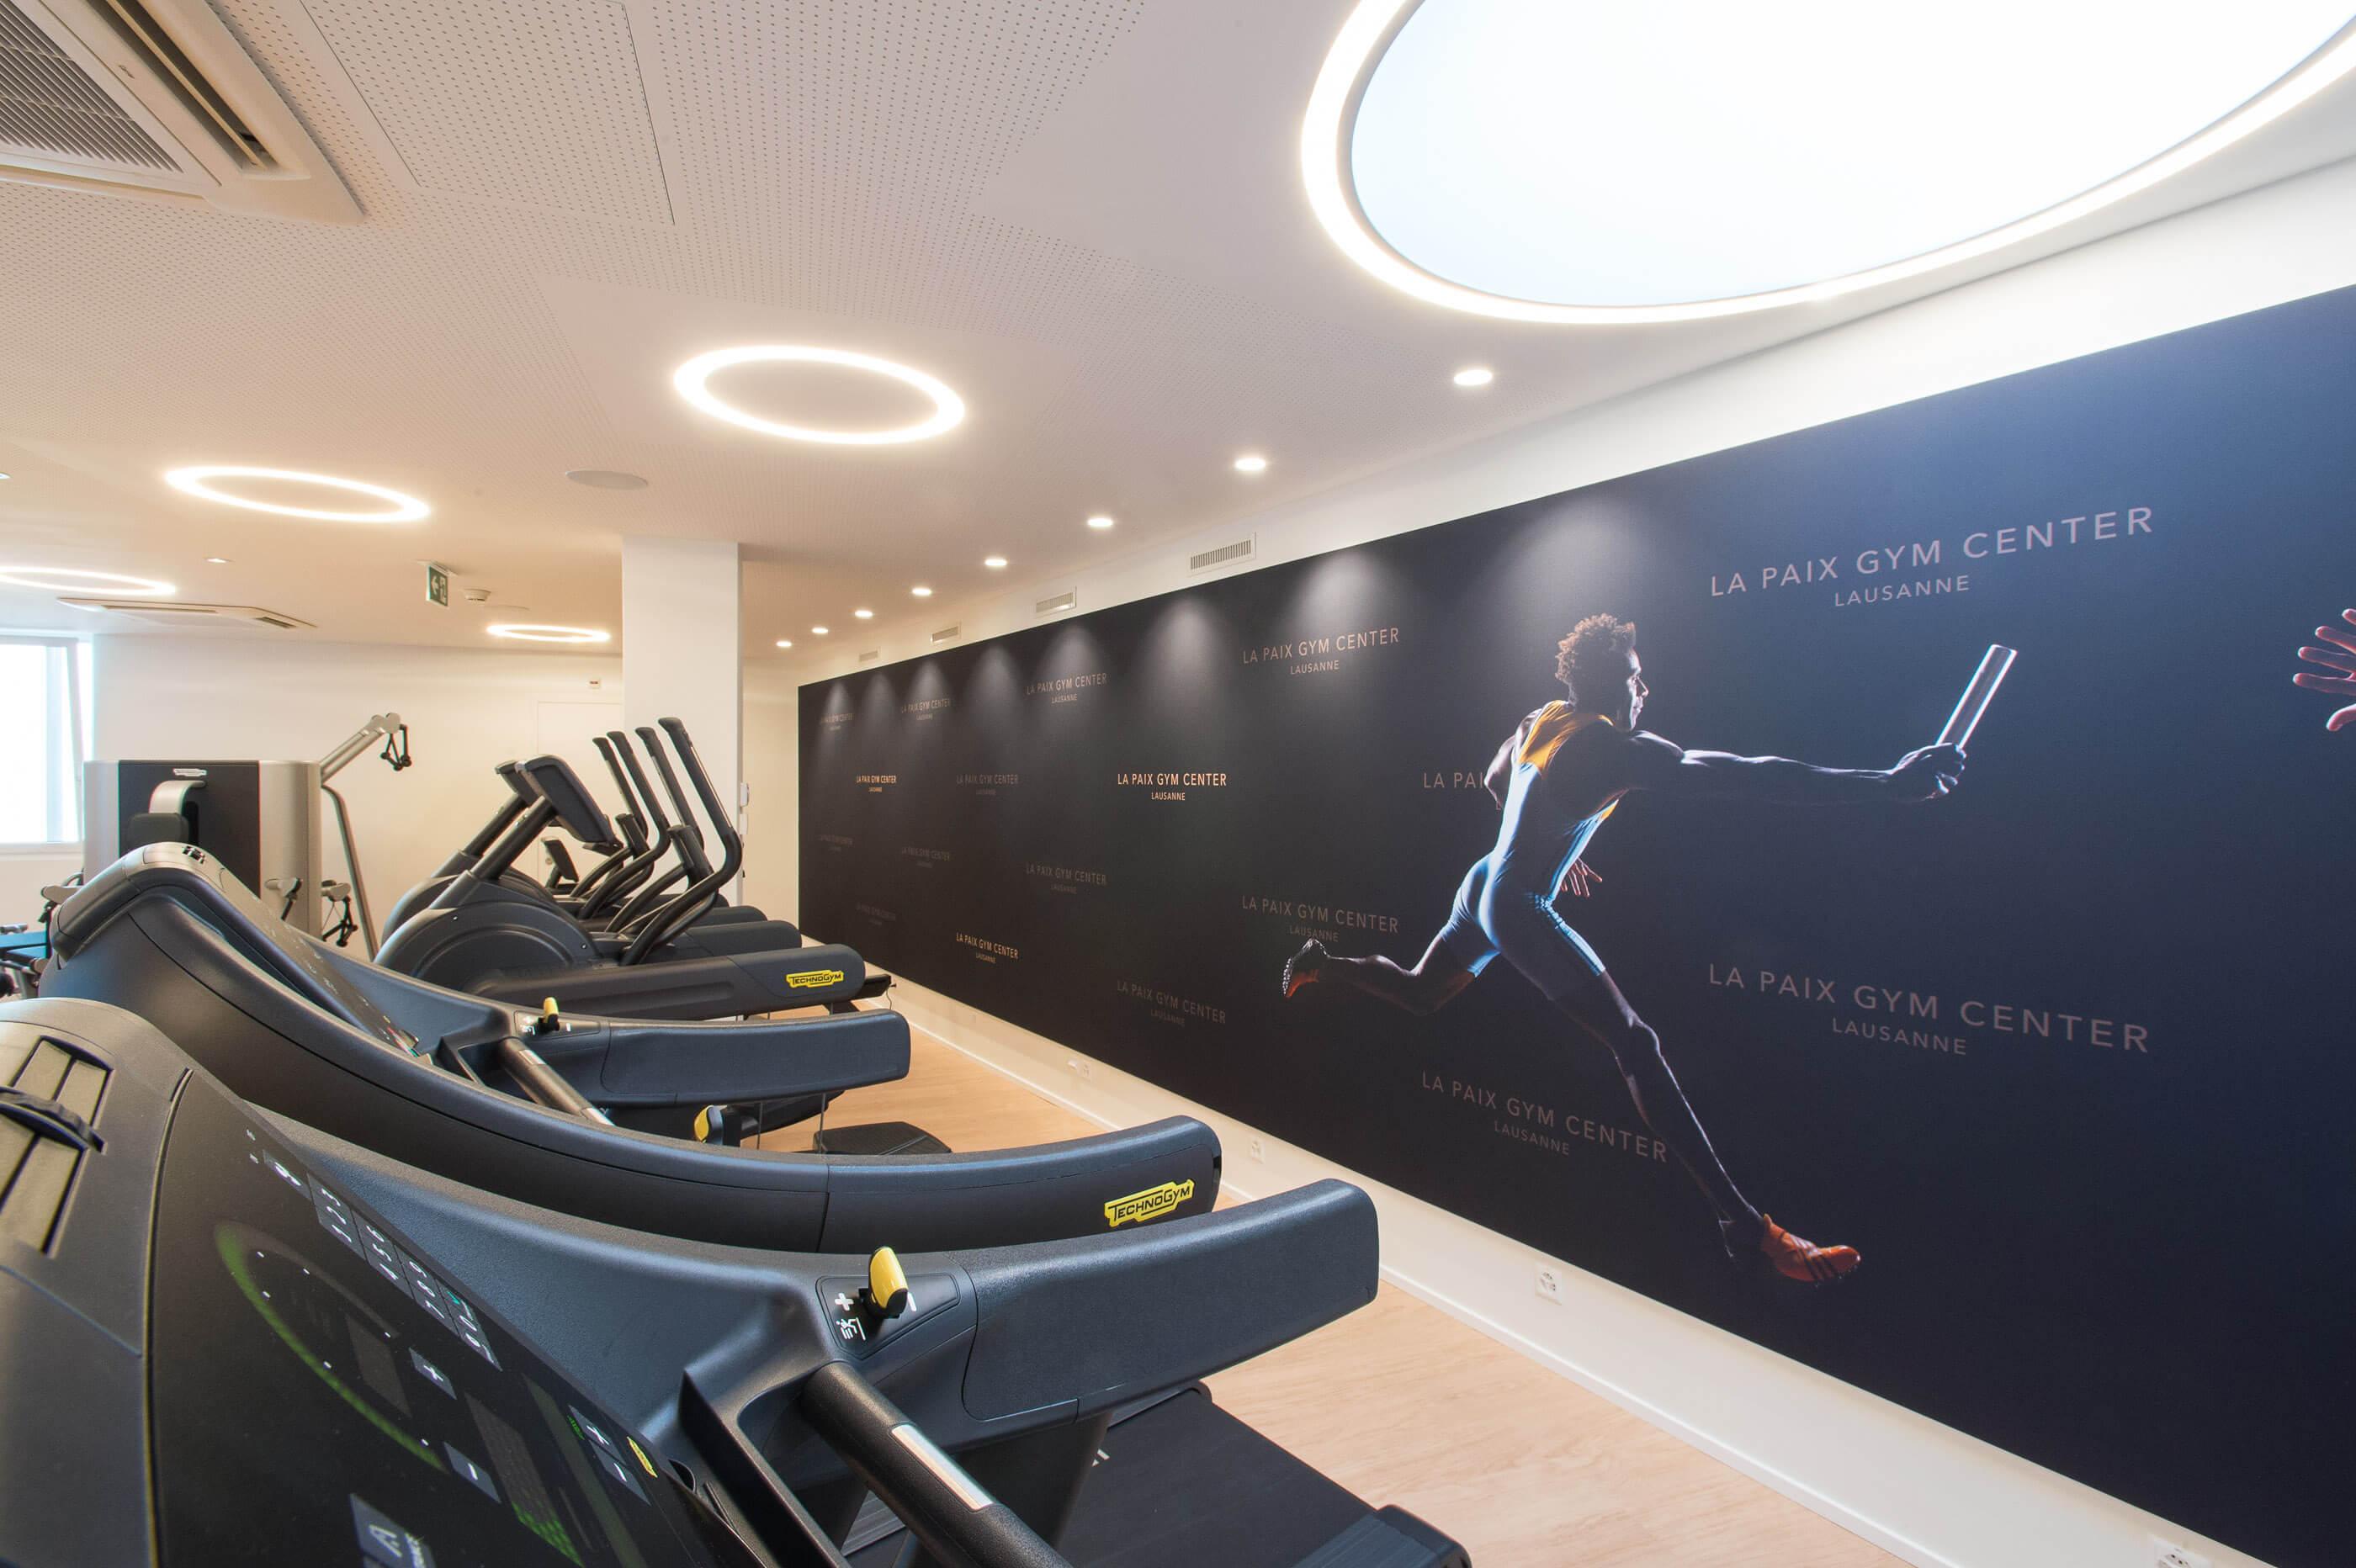 Gym Center à Lausanne à l'Hôtel de la Paix au centre de Lausanne